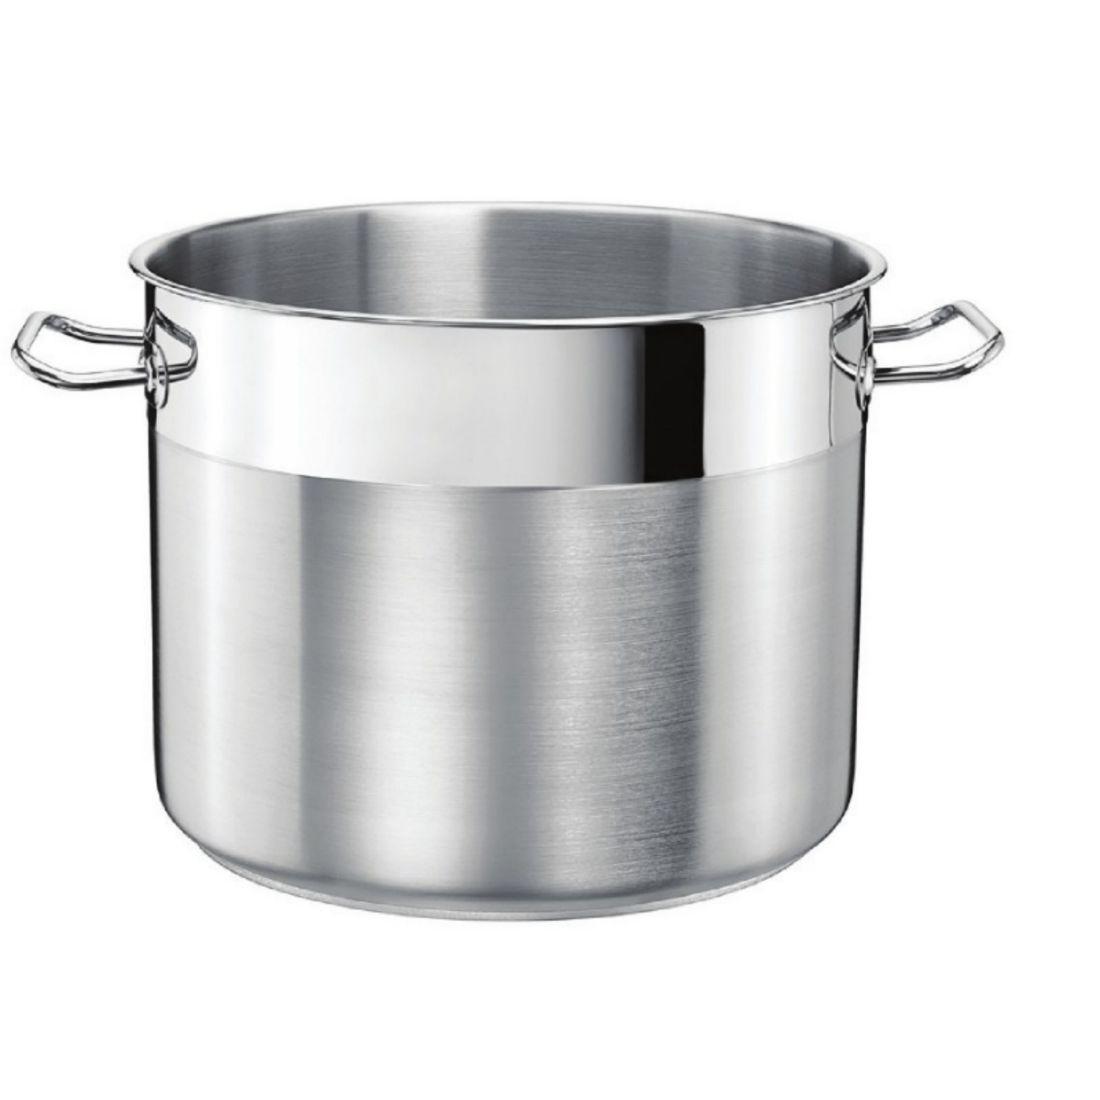 Hrnec vysoký TOMGAST Silver 8,5 l